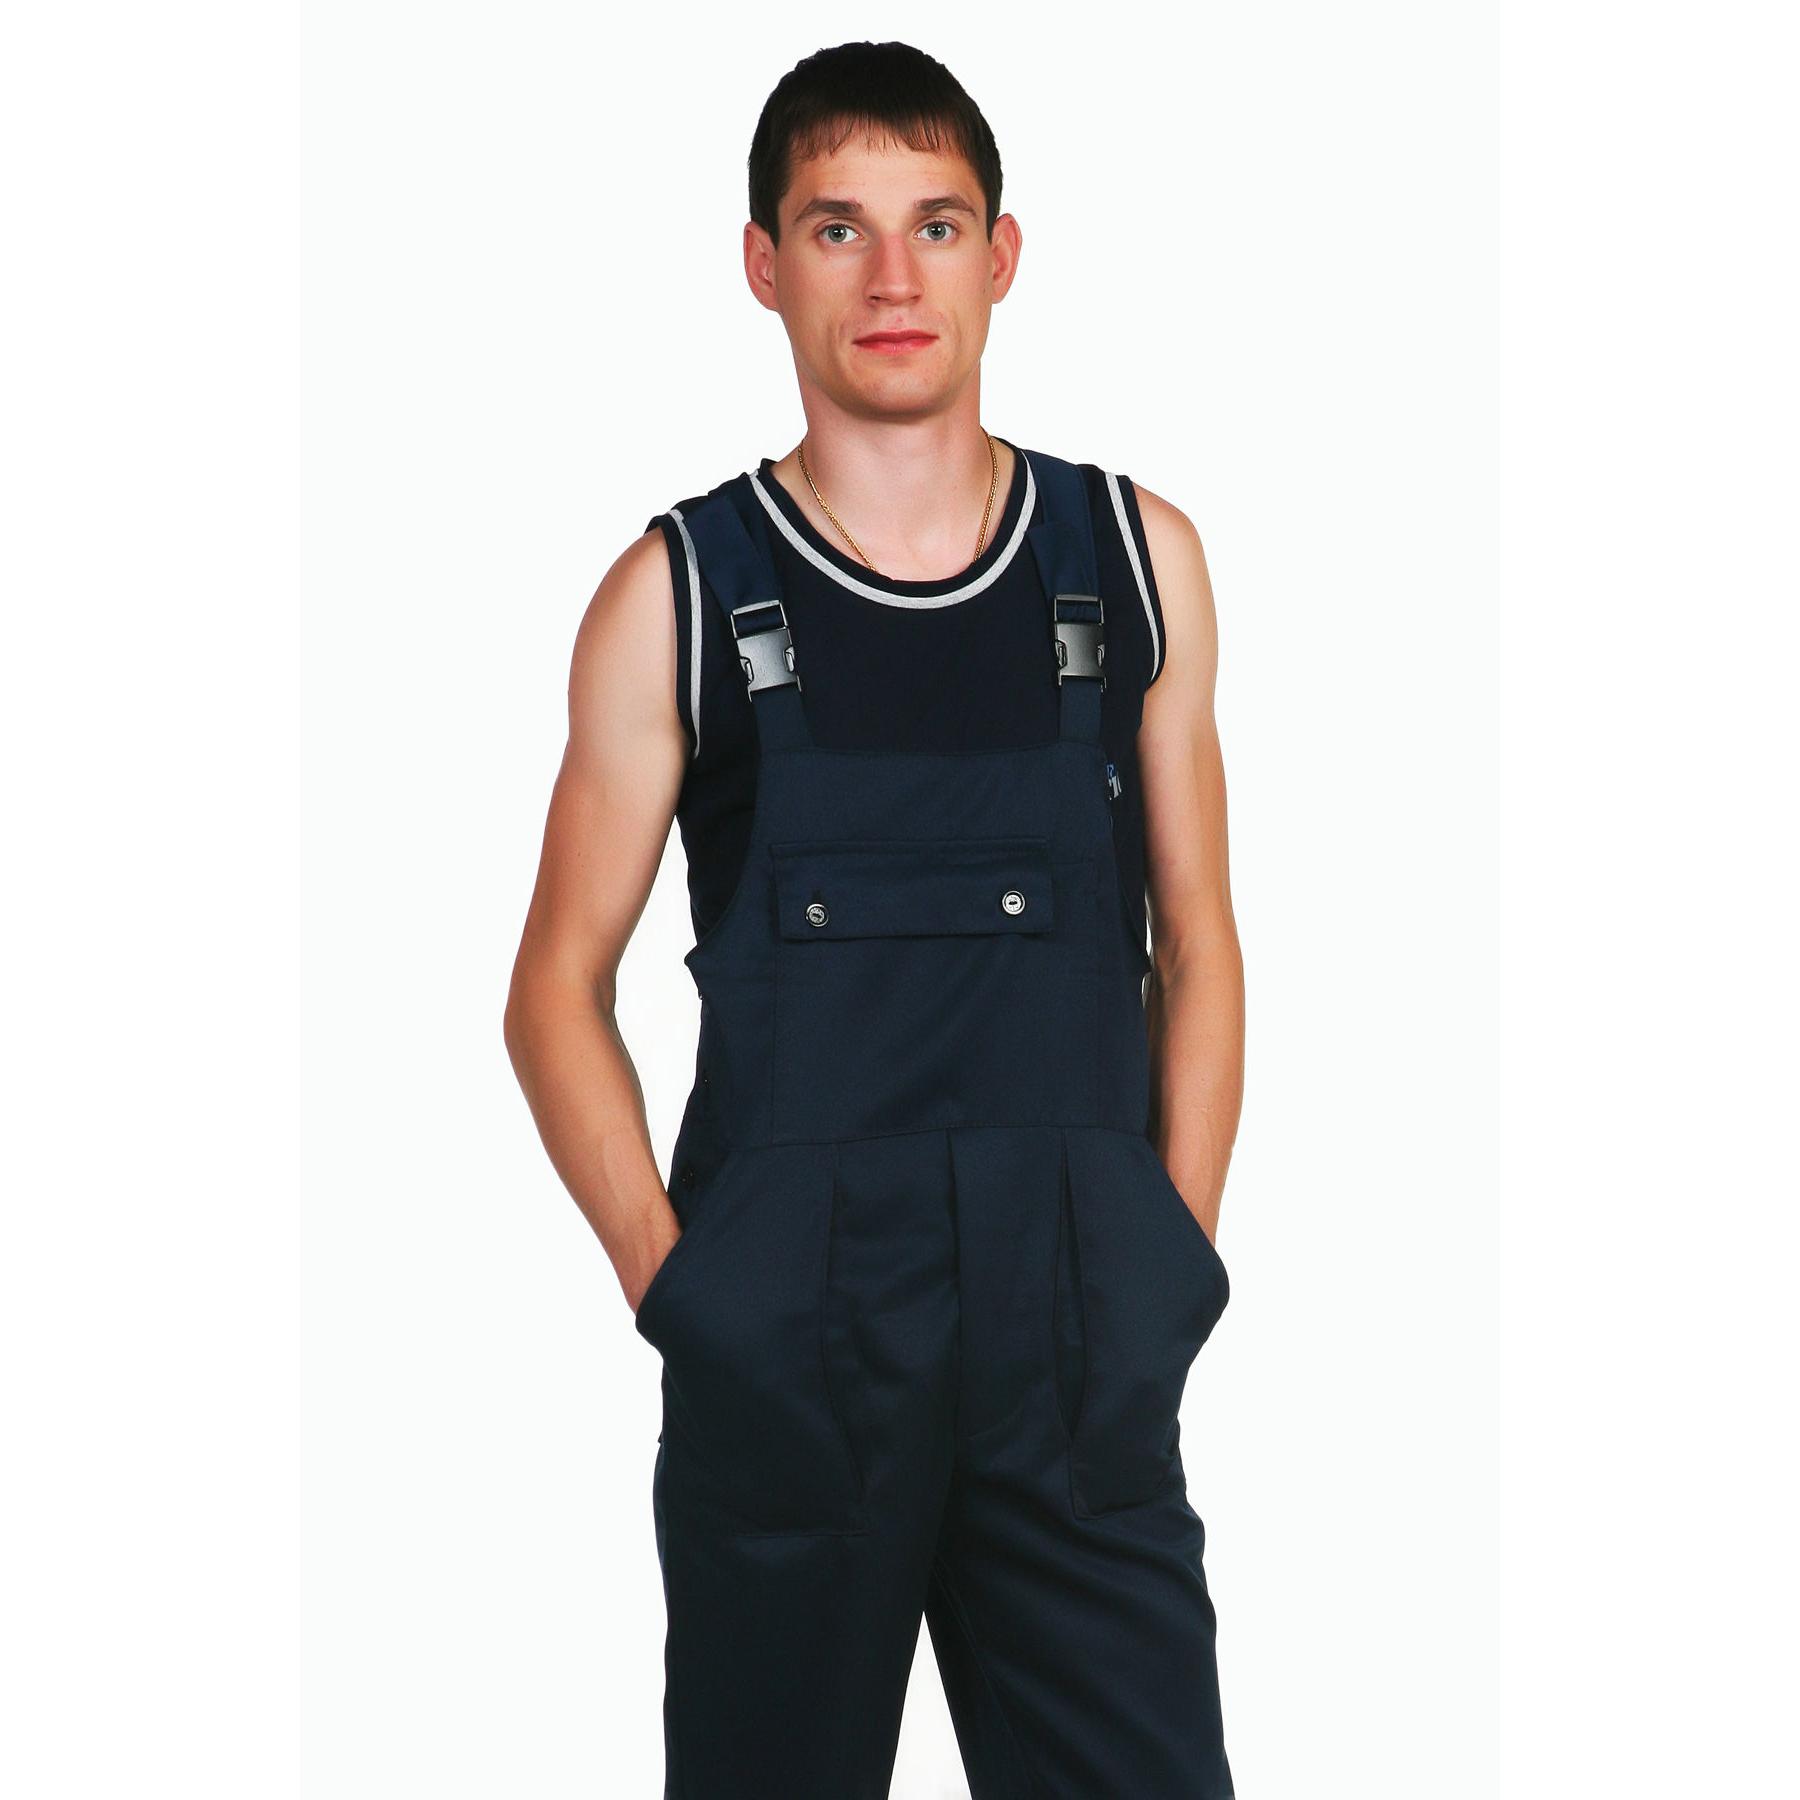 Мужской полукомбинезон «Техник», размер 44Спецодежда<br><br><br>Тип: Муж. брюки<br>Размер: 44<br>Материал: Смесовая ткань